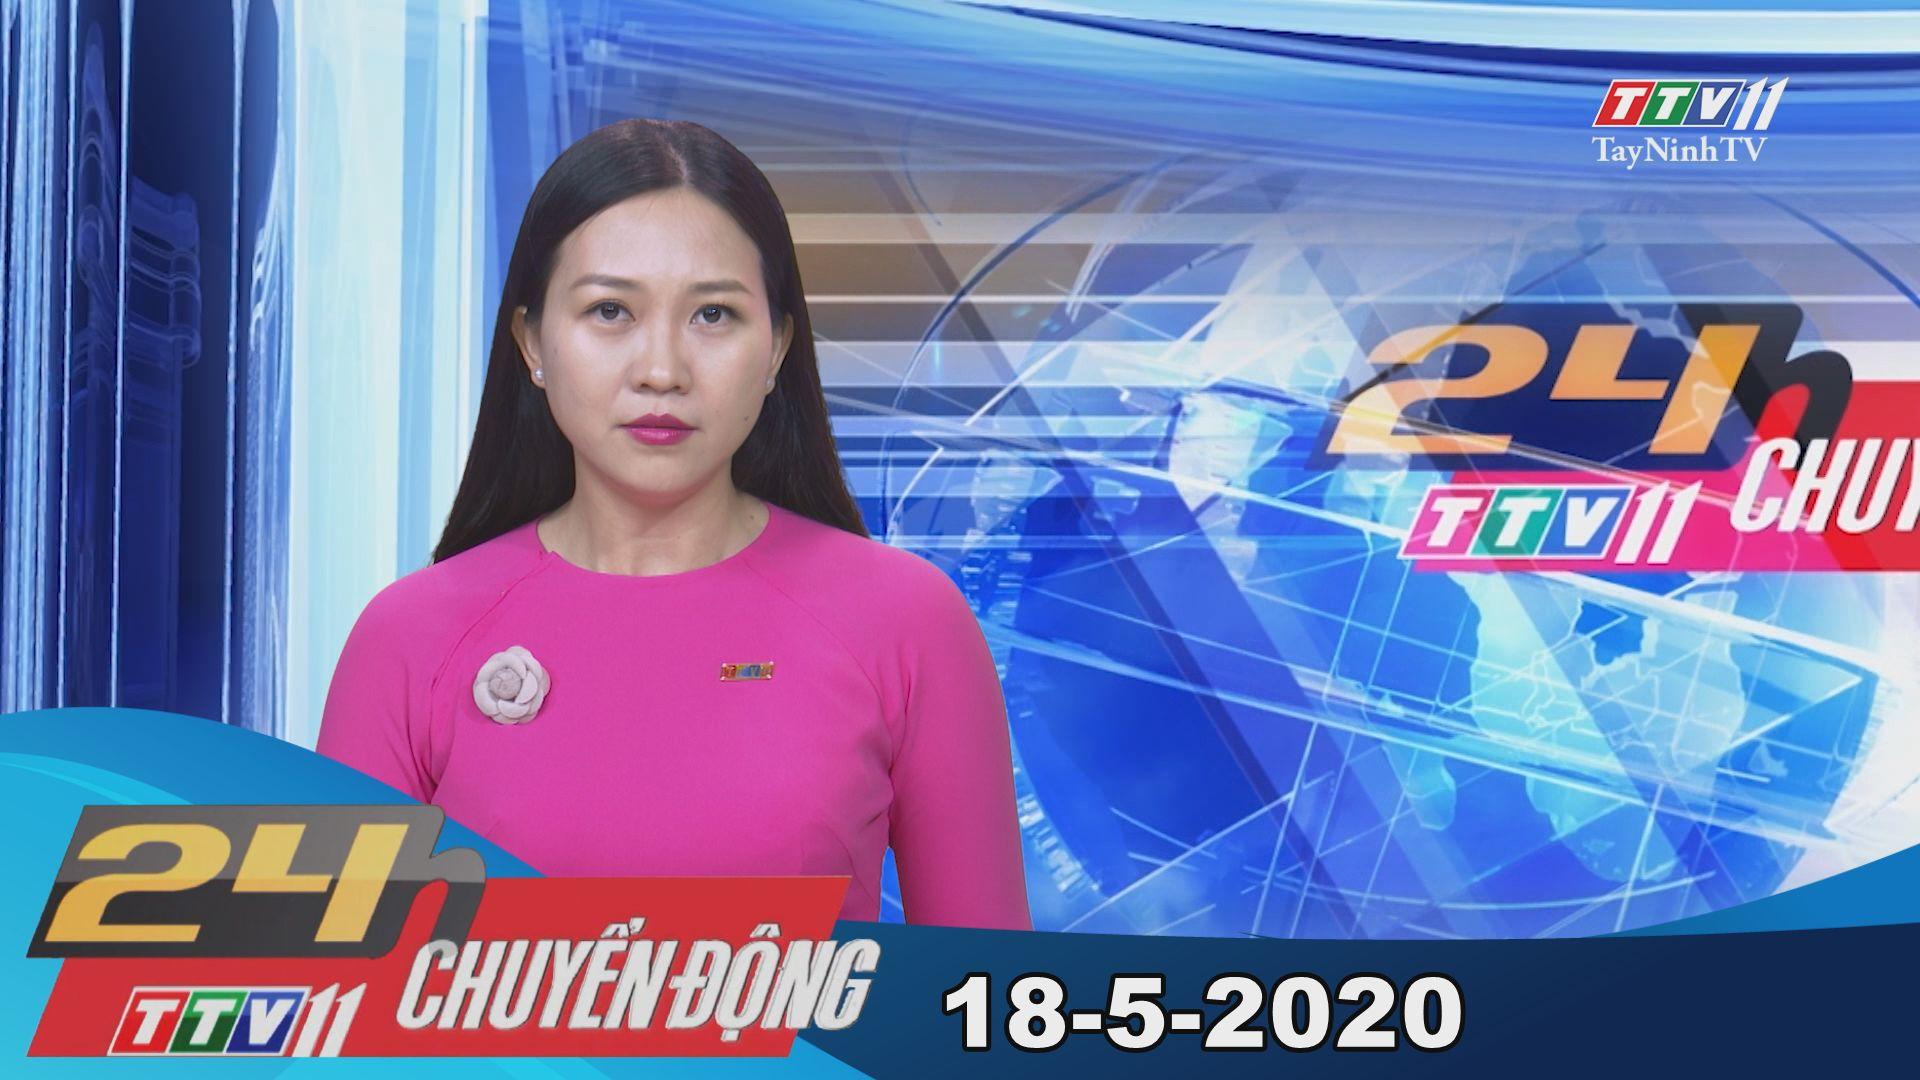 24h Chuyển động 18-5-2020 | Tin tức hôm nay | TayNinhTV